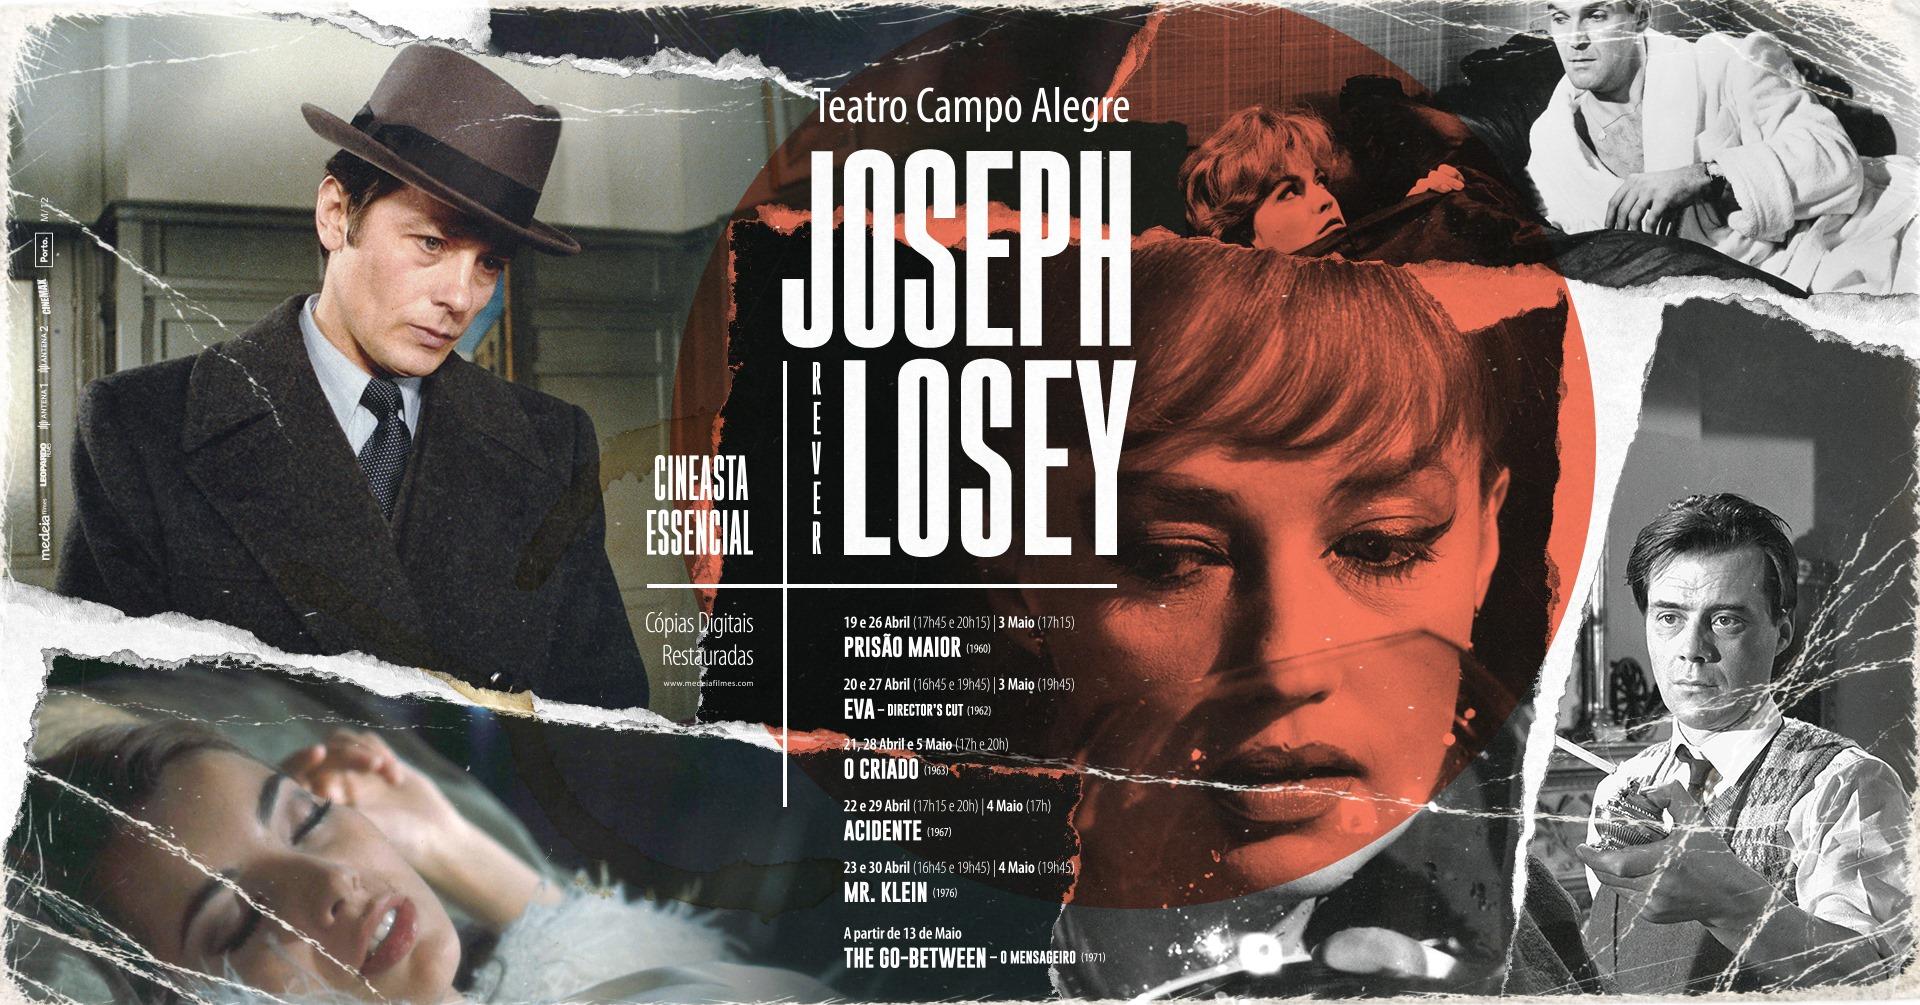 Ciclo de cinema: REVER JOSEPH LOSEY, CINEASTA ESSENCIAL | Teatro Campo Alegre